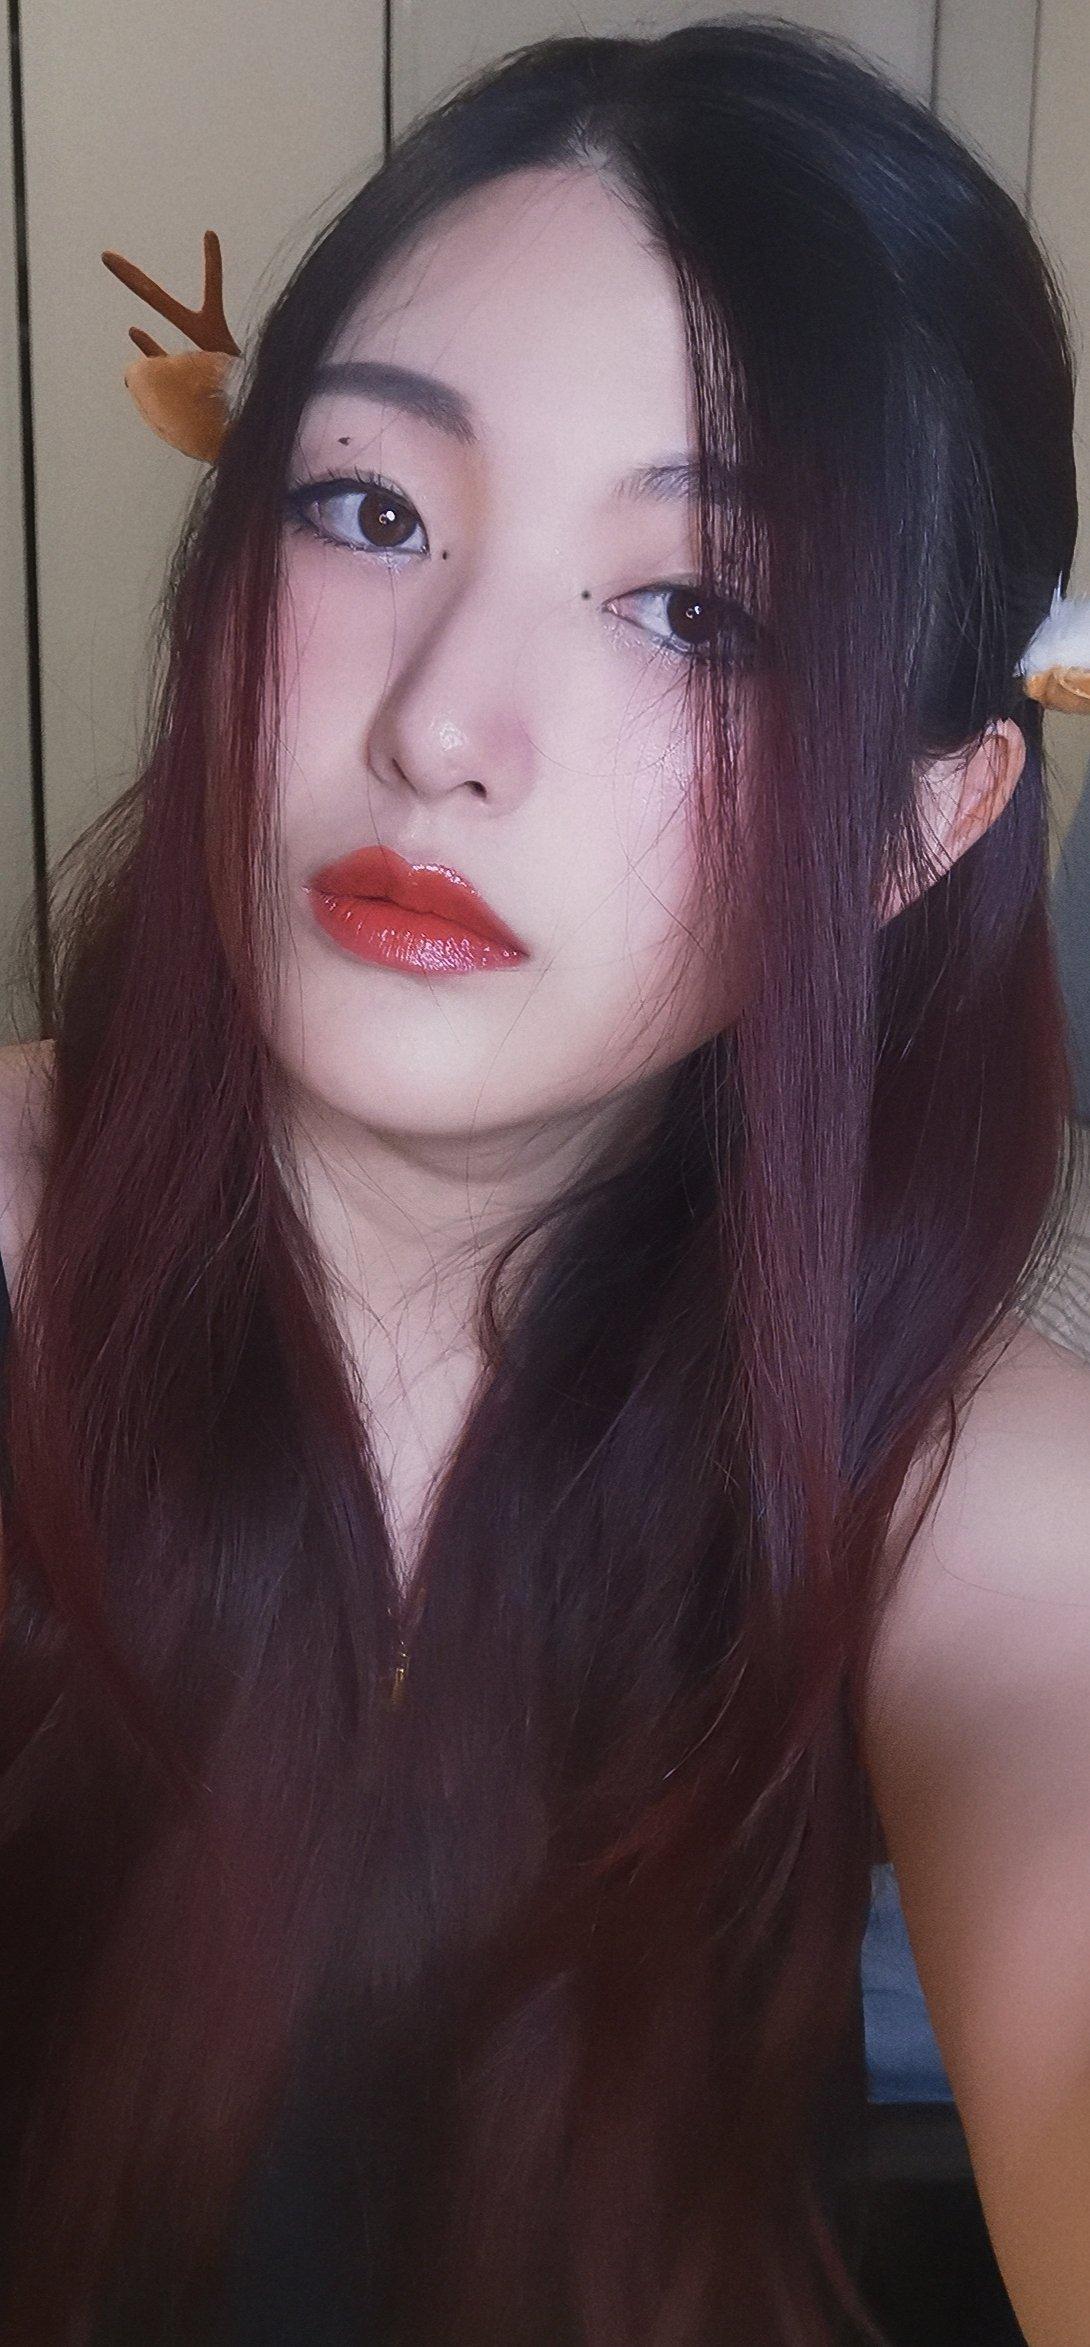 仿女神妆:小黑蝴蝶结🎀的魅力!